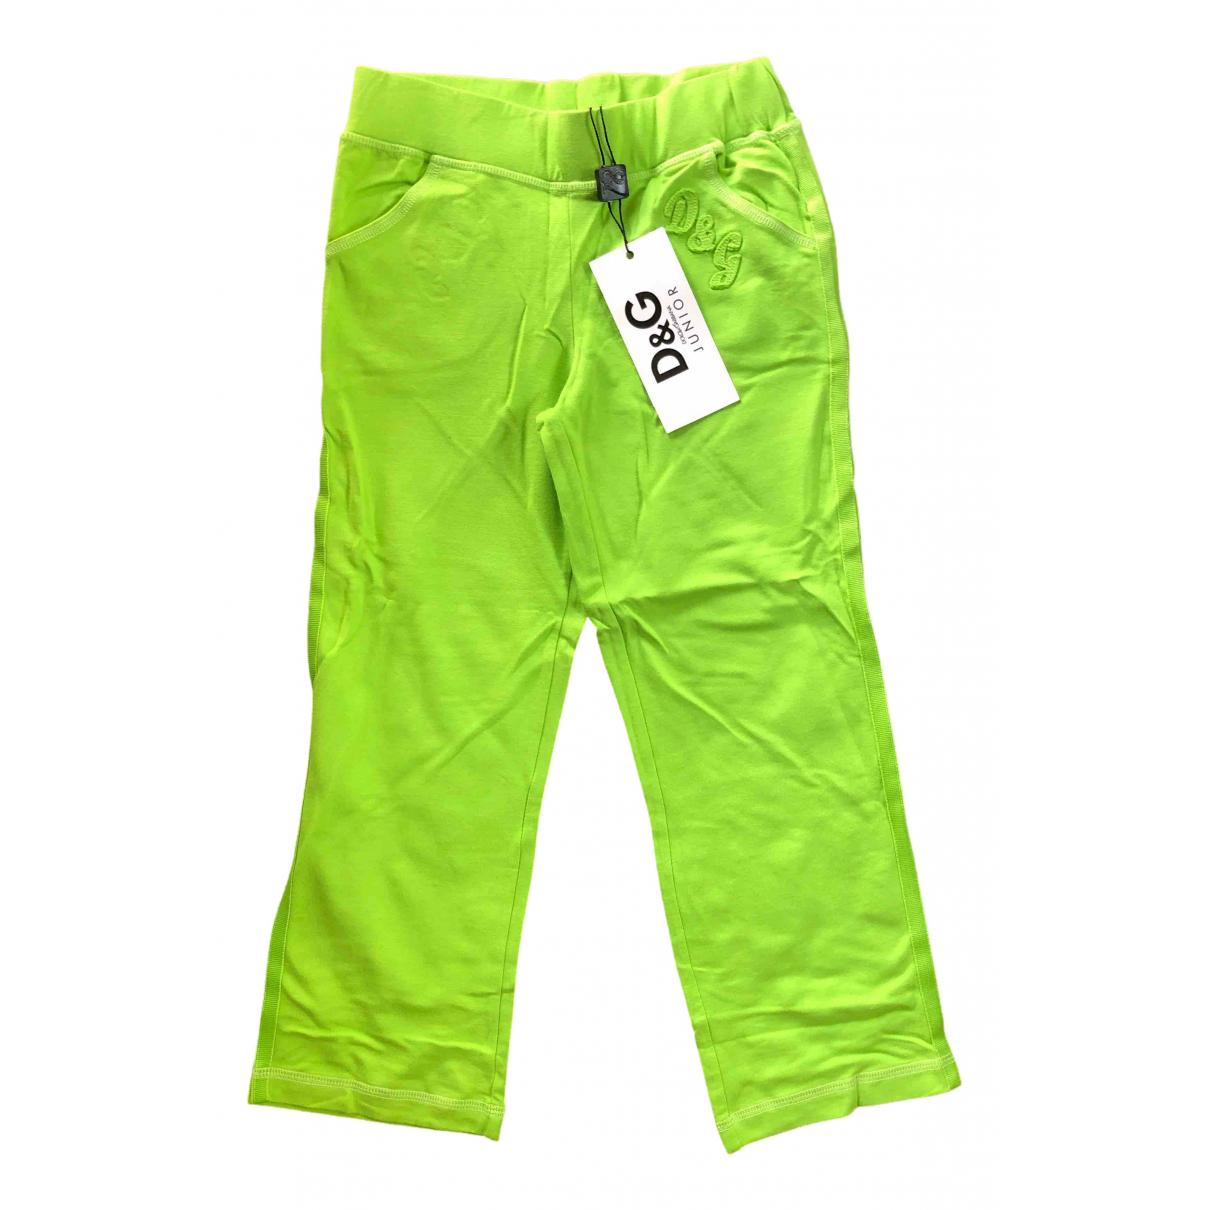 D&g - Pantalon   pour enfant en coton - vert